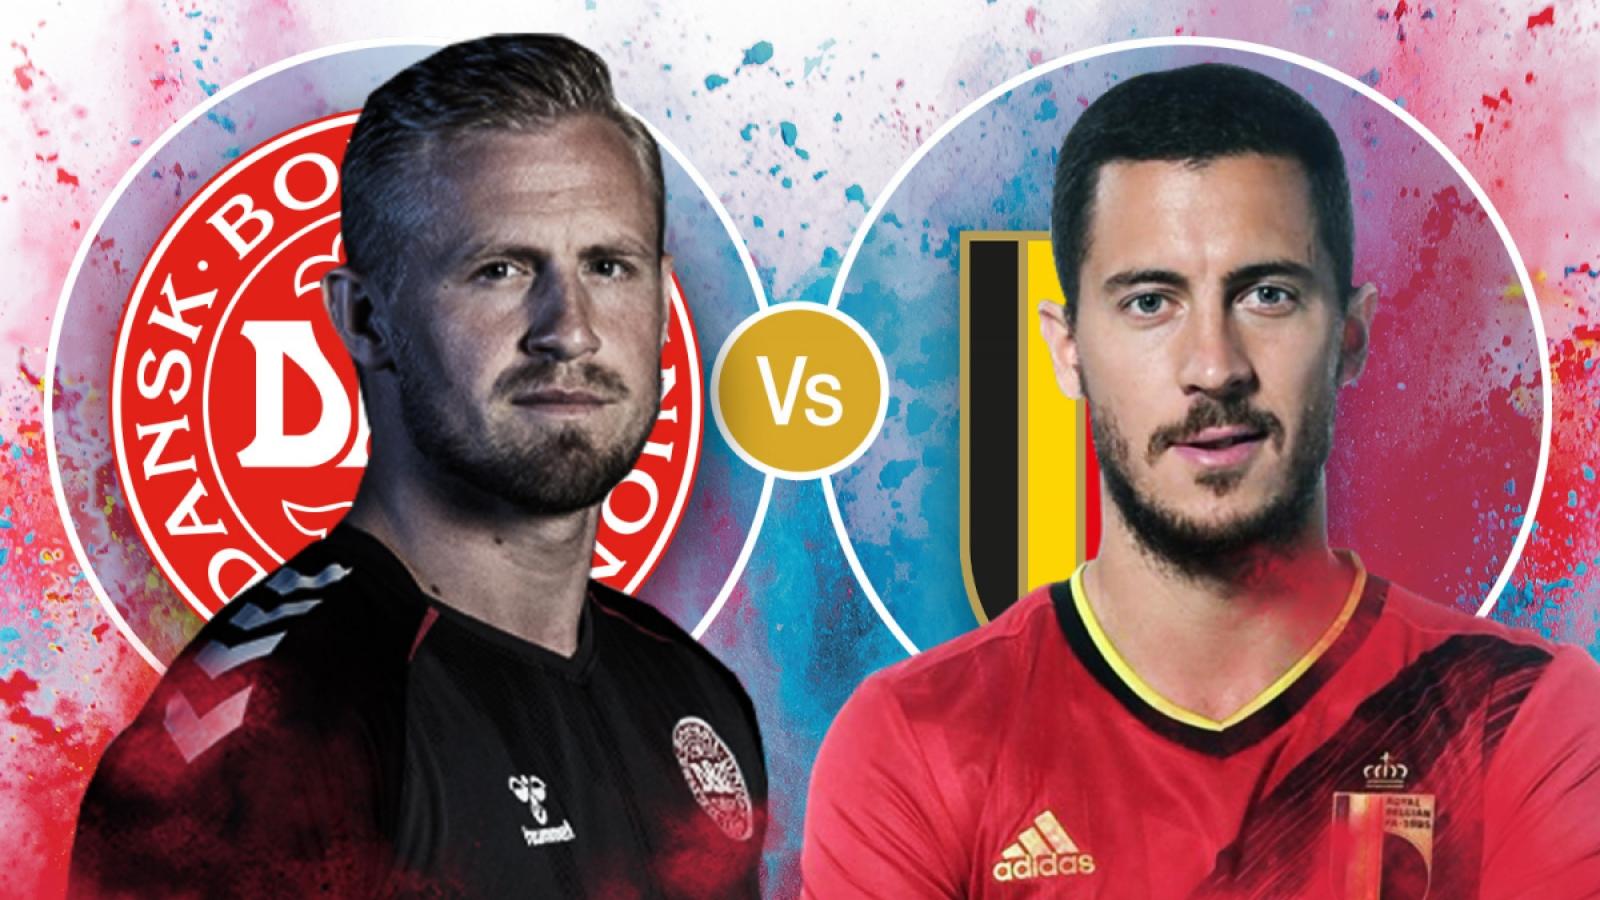 Cách xem trực tiếp ĐT Đan Mạch vs ĐT Bỉ bảng B - EURO 2021